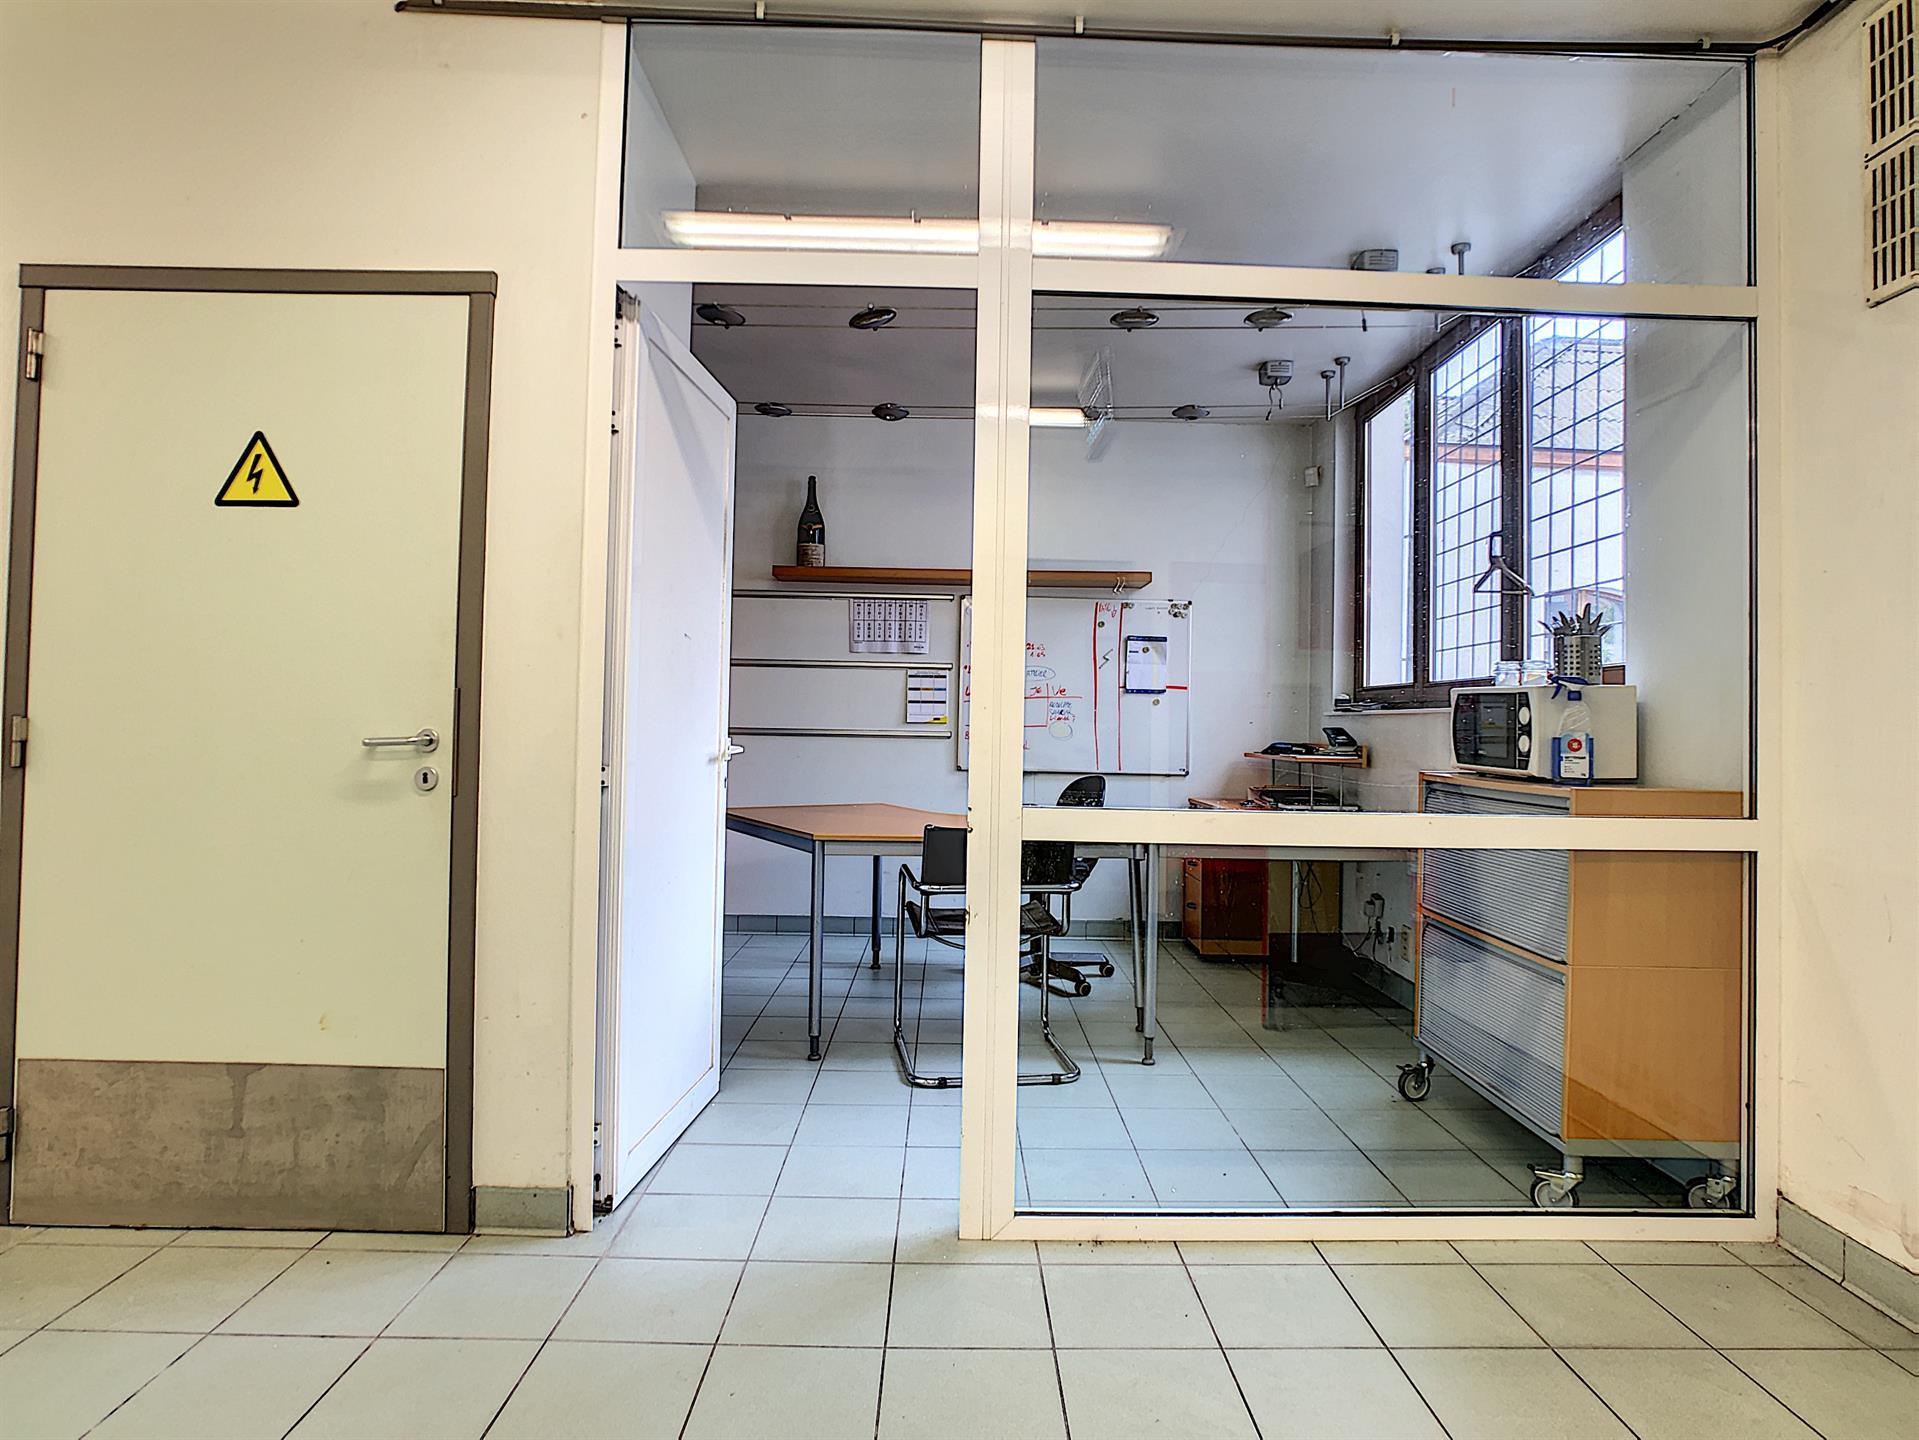 Bureaux & entrepôts - Molenbeek-Saint-Jean - #4036306-8